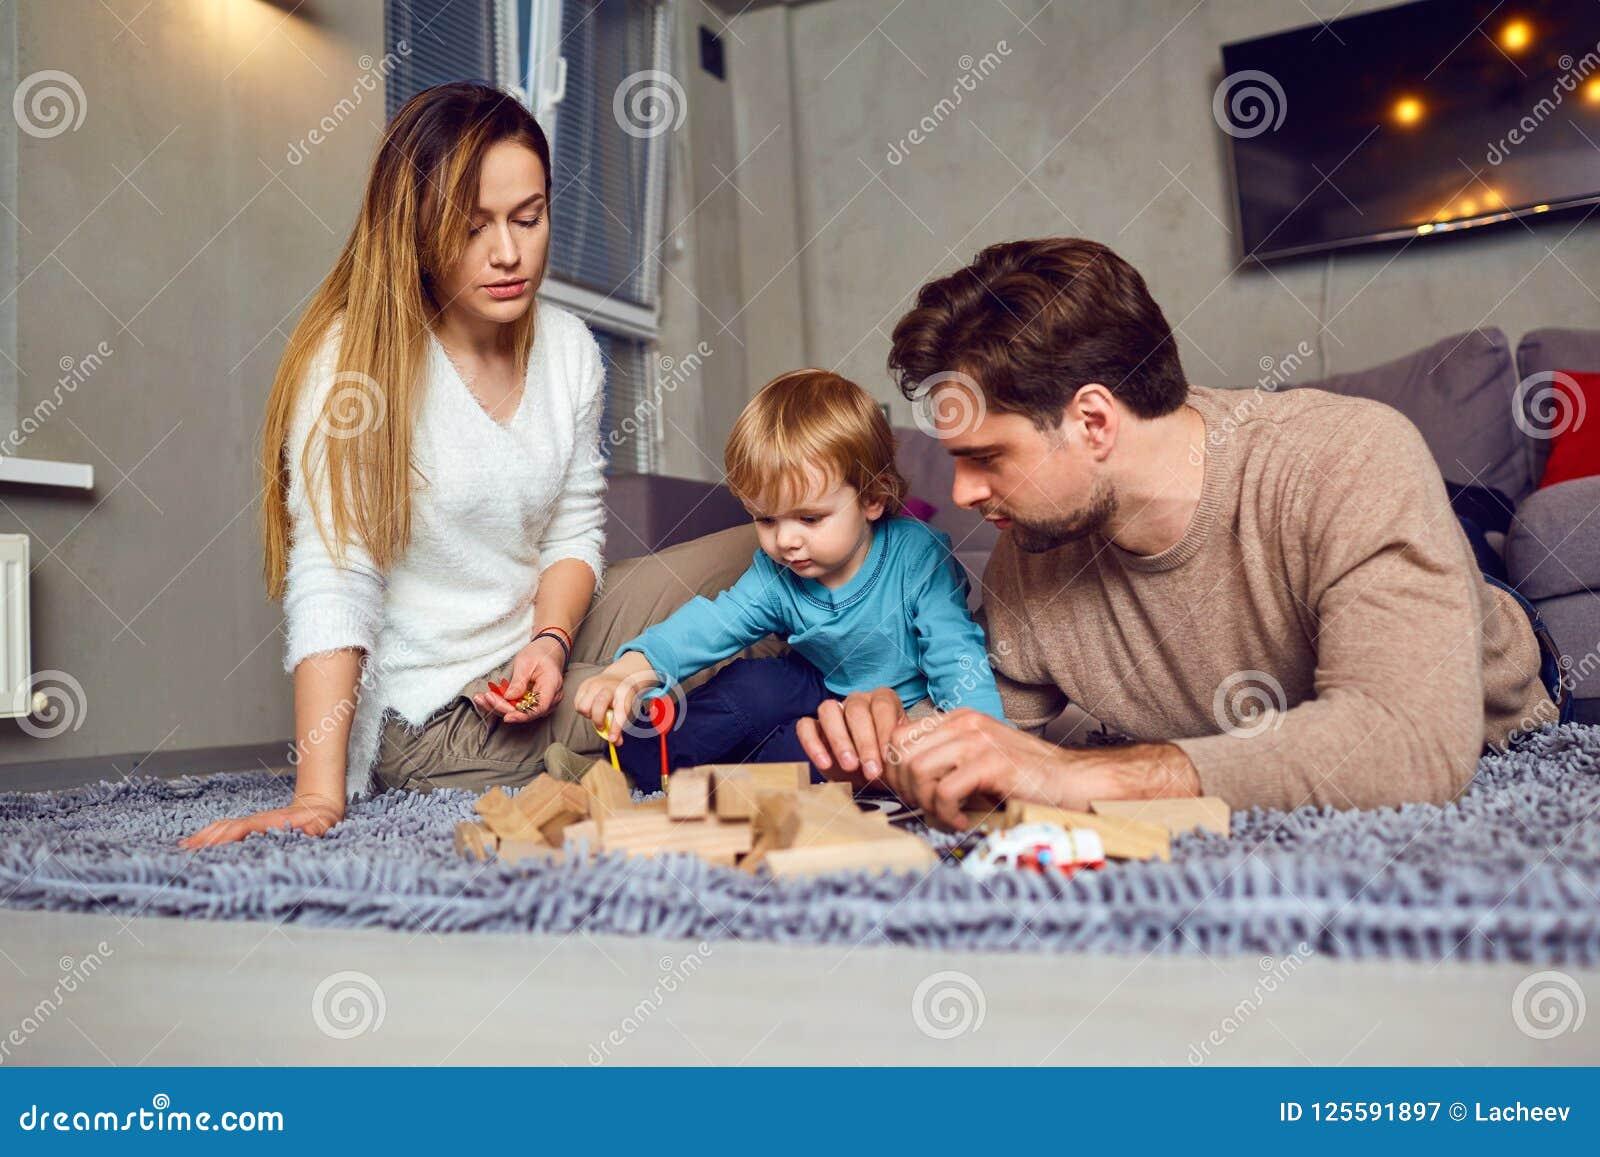 Una Familia Con Juegos De Mesa De Los Juegos De Ninos Dentro Imagen